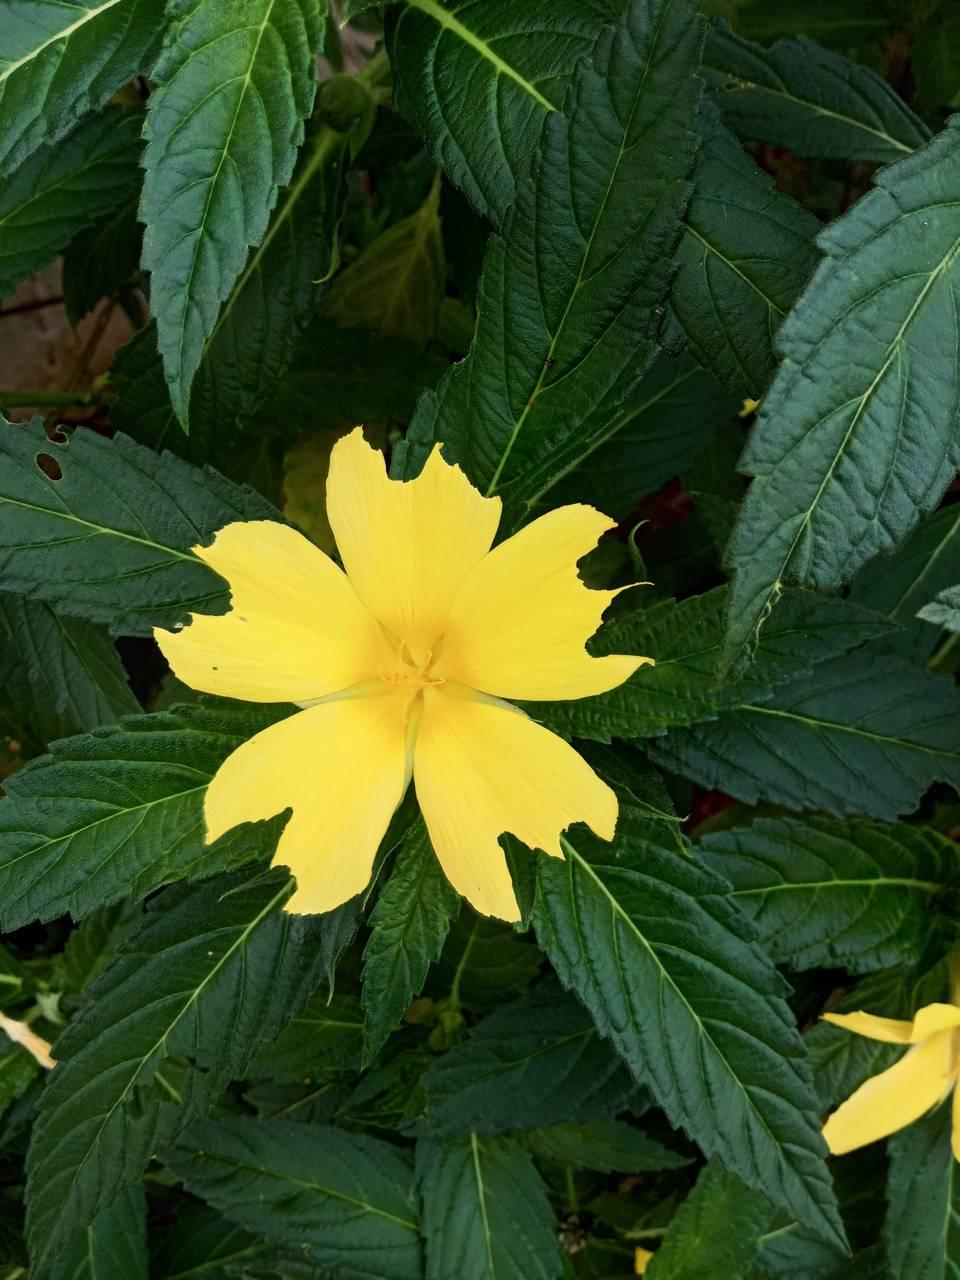 Yellowflower 4k